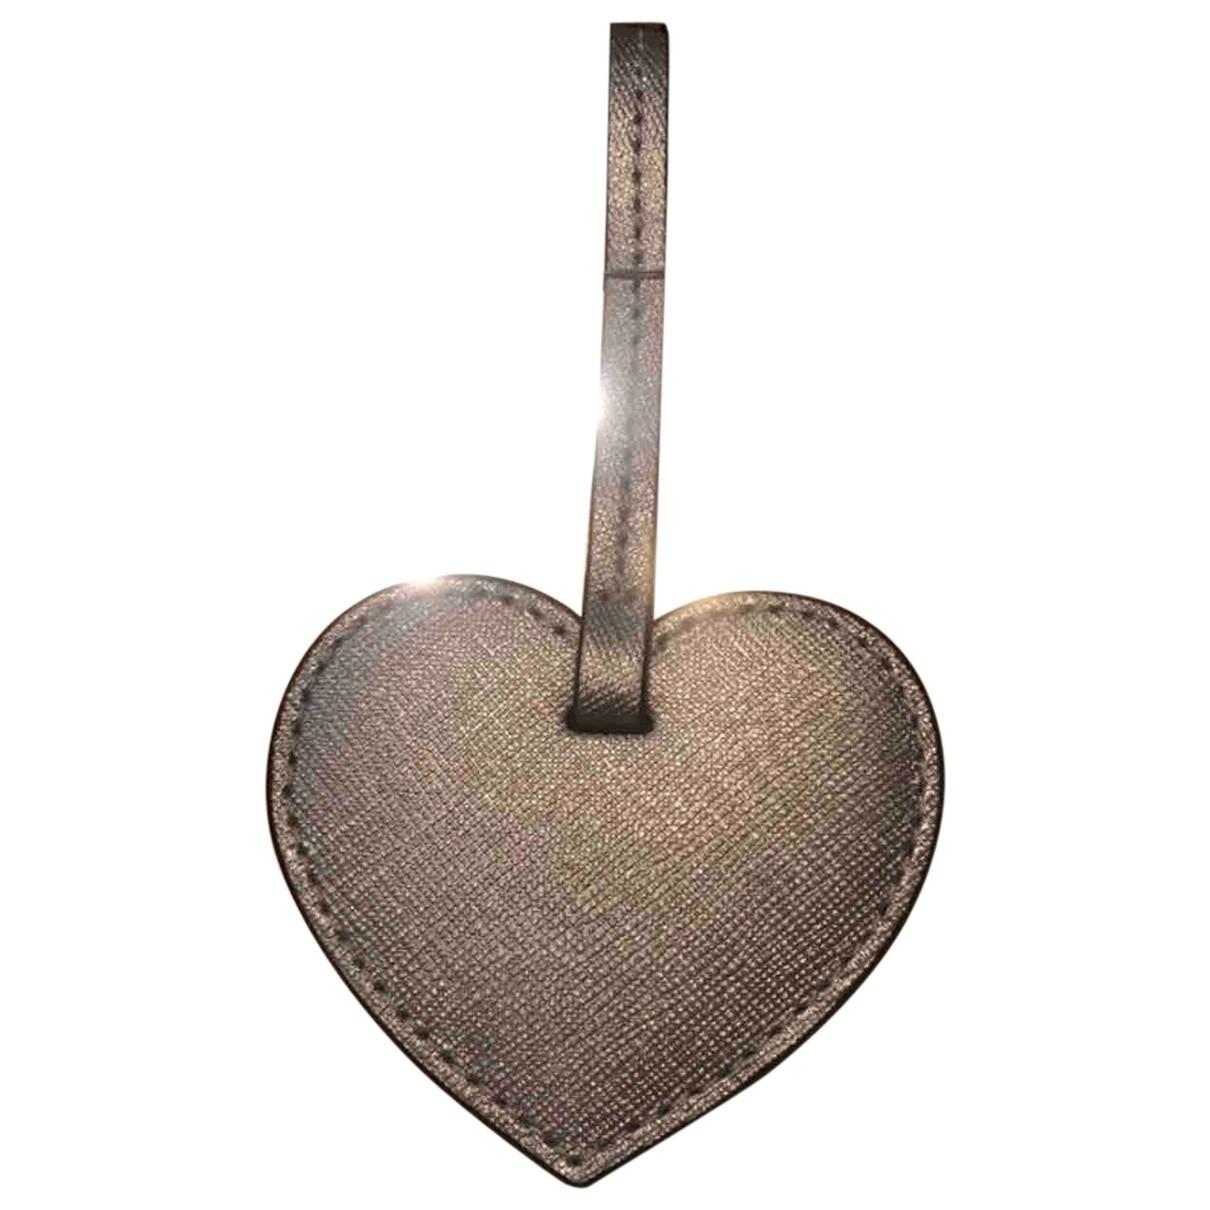 Michael Kors - Bijoux de sac   pour femme en cuir - argente